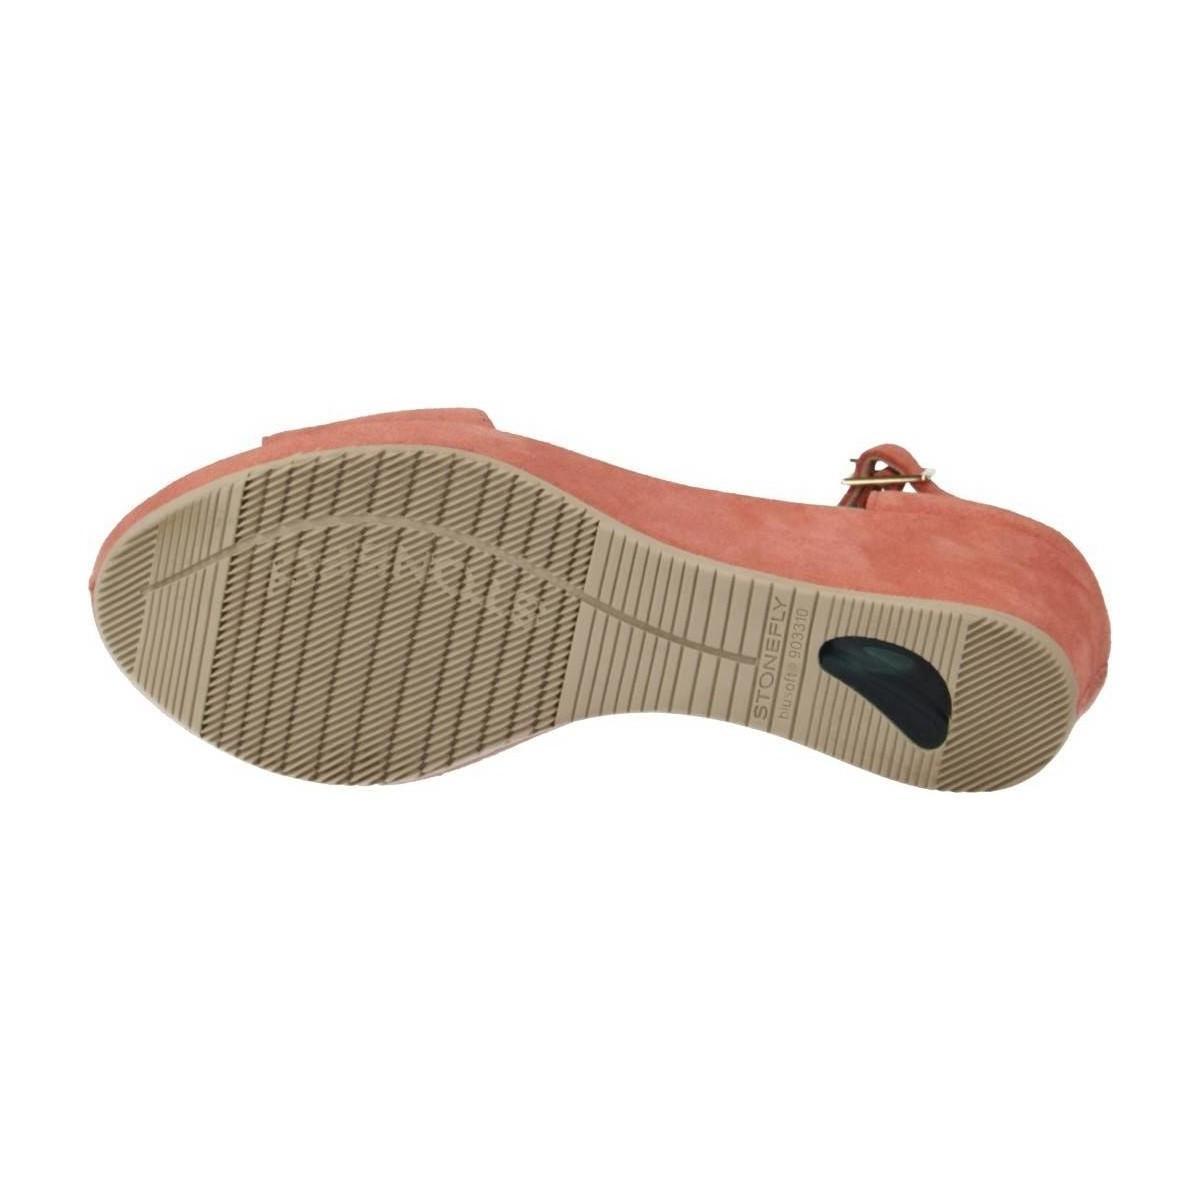 110272 Sandales Stonefly en coloris Neutre